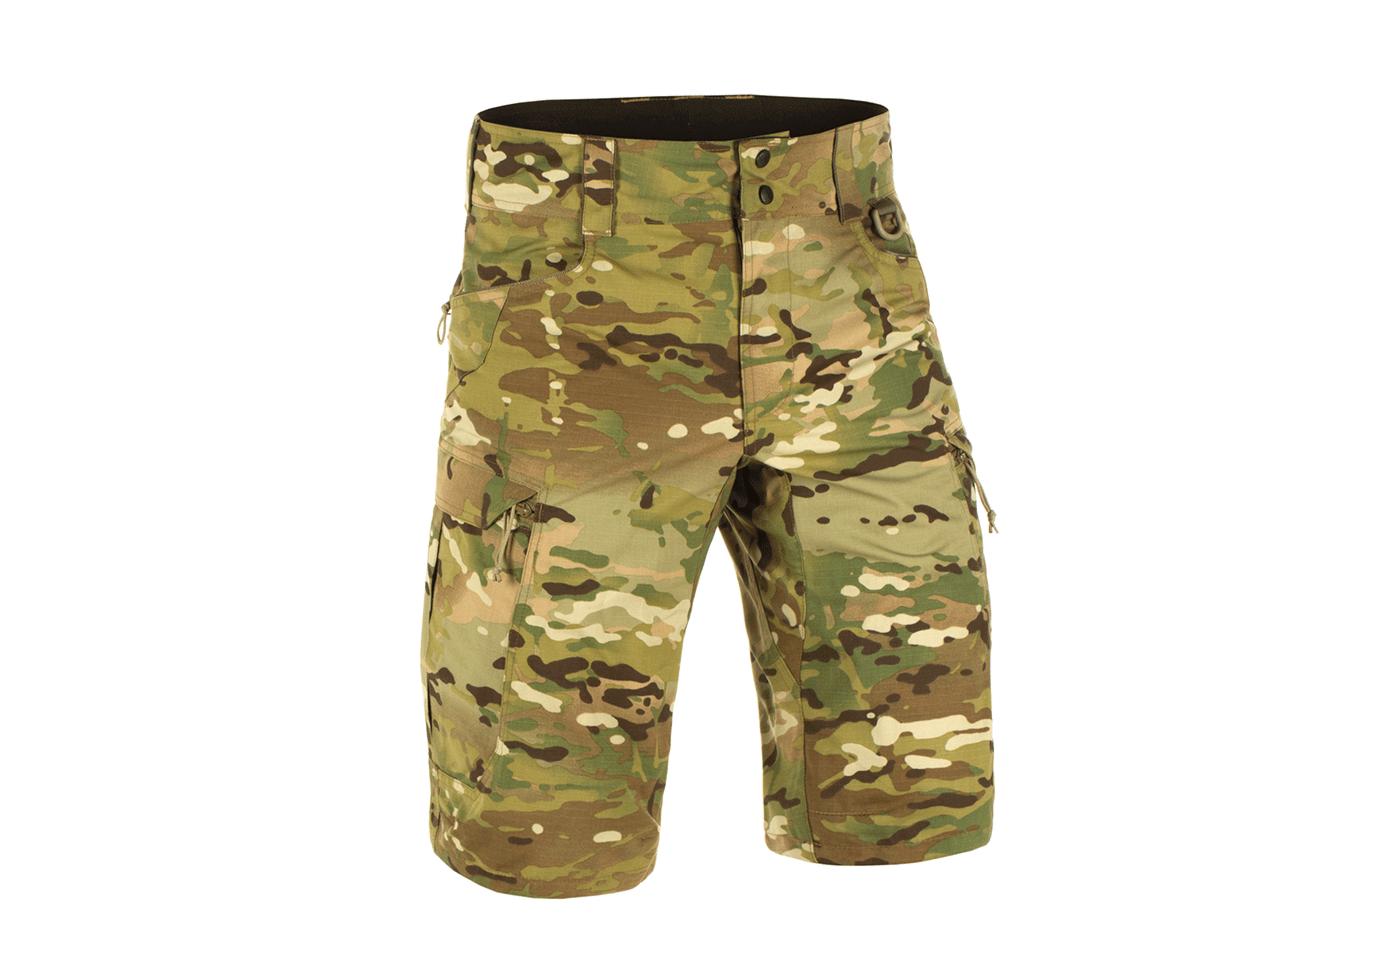 field short multicam 32 shorts garments boutique